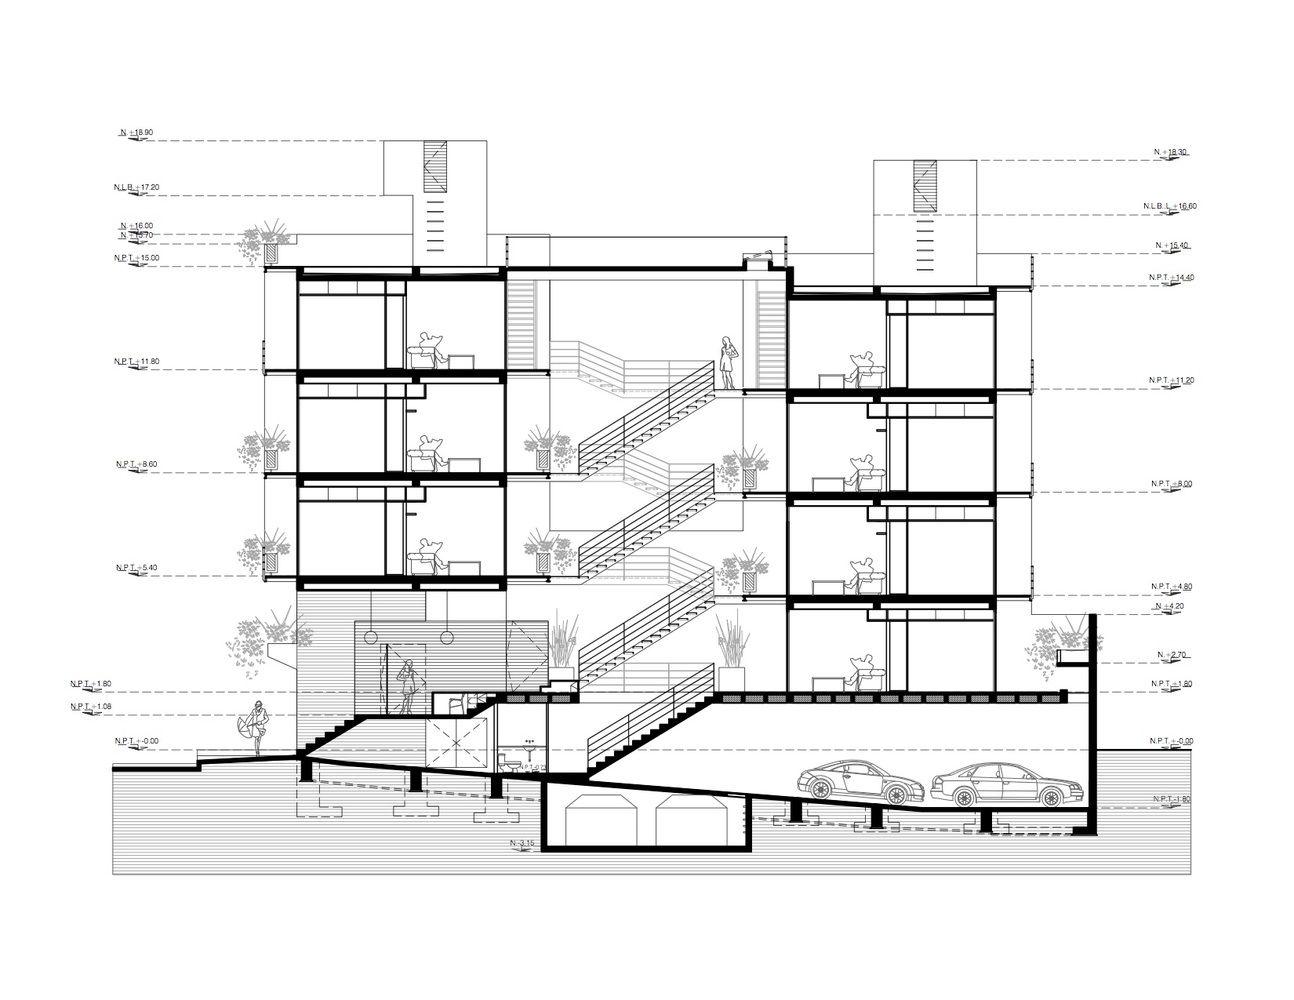 Galer a de oriente 7 16 accidental 17 galer as el for Cortes arquitectonicos